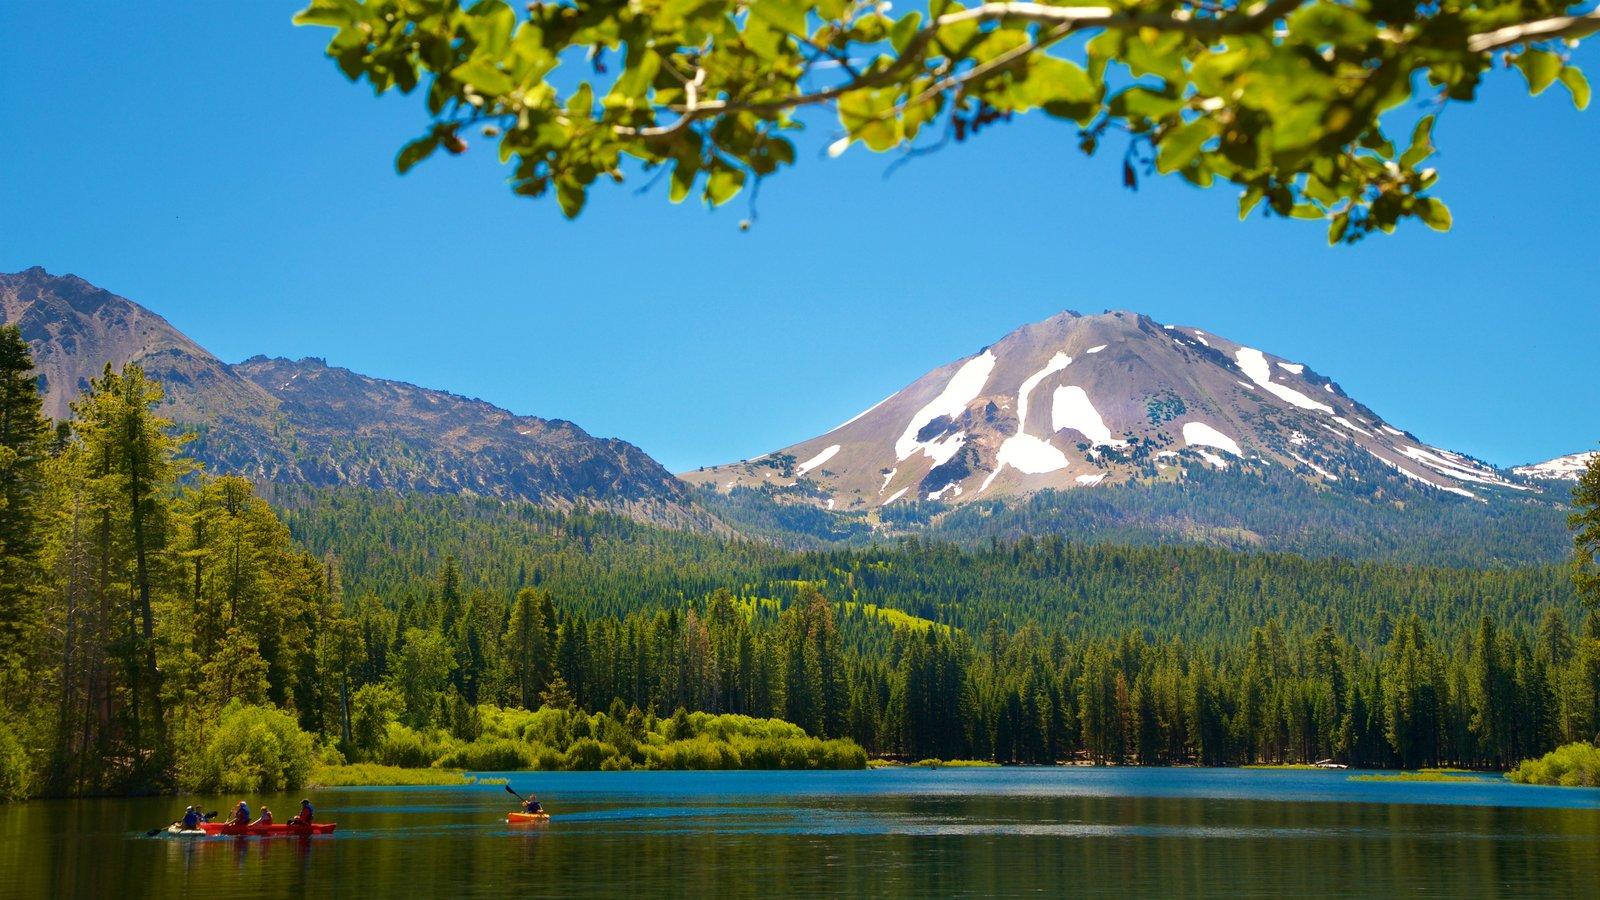 Mill Creek que incluye un lago o abrevadero, montañas y kayak o canoa